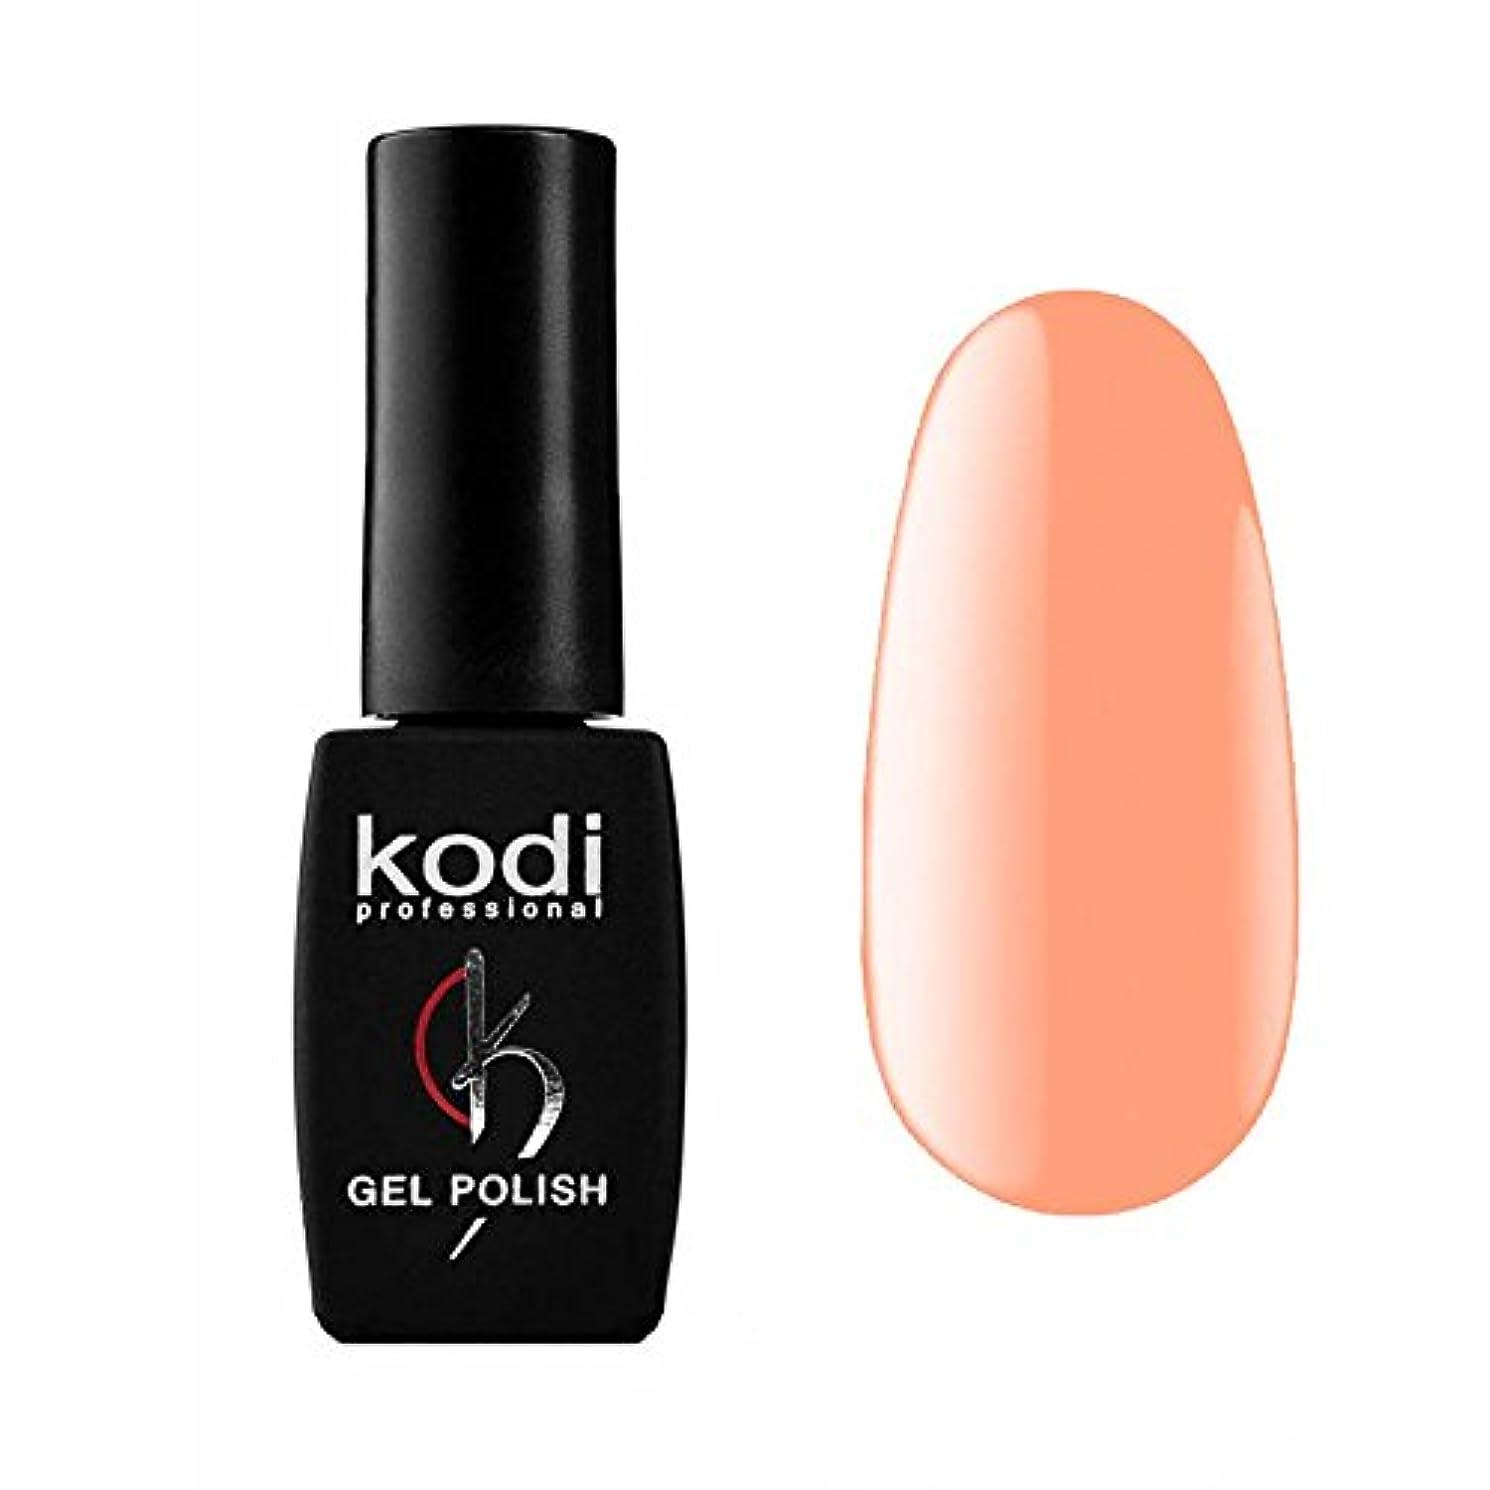 思想わずかにブレイズKodi Professional New Collection BR BRIGT #100 Color Gel Nail Polish 12ml 0.42 Fl Oz LED UV Genuine Soak Off